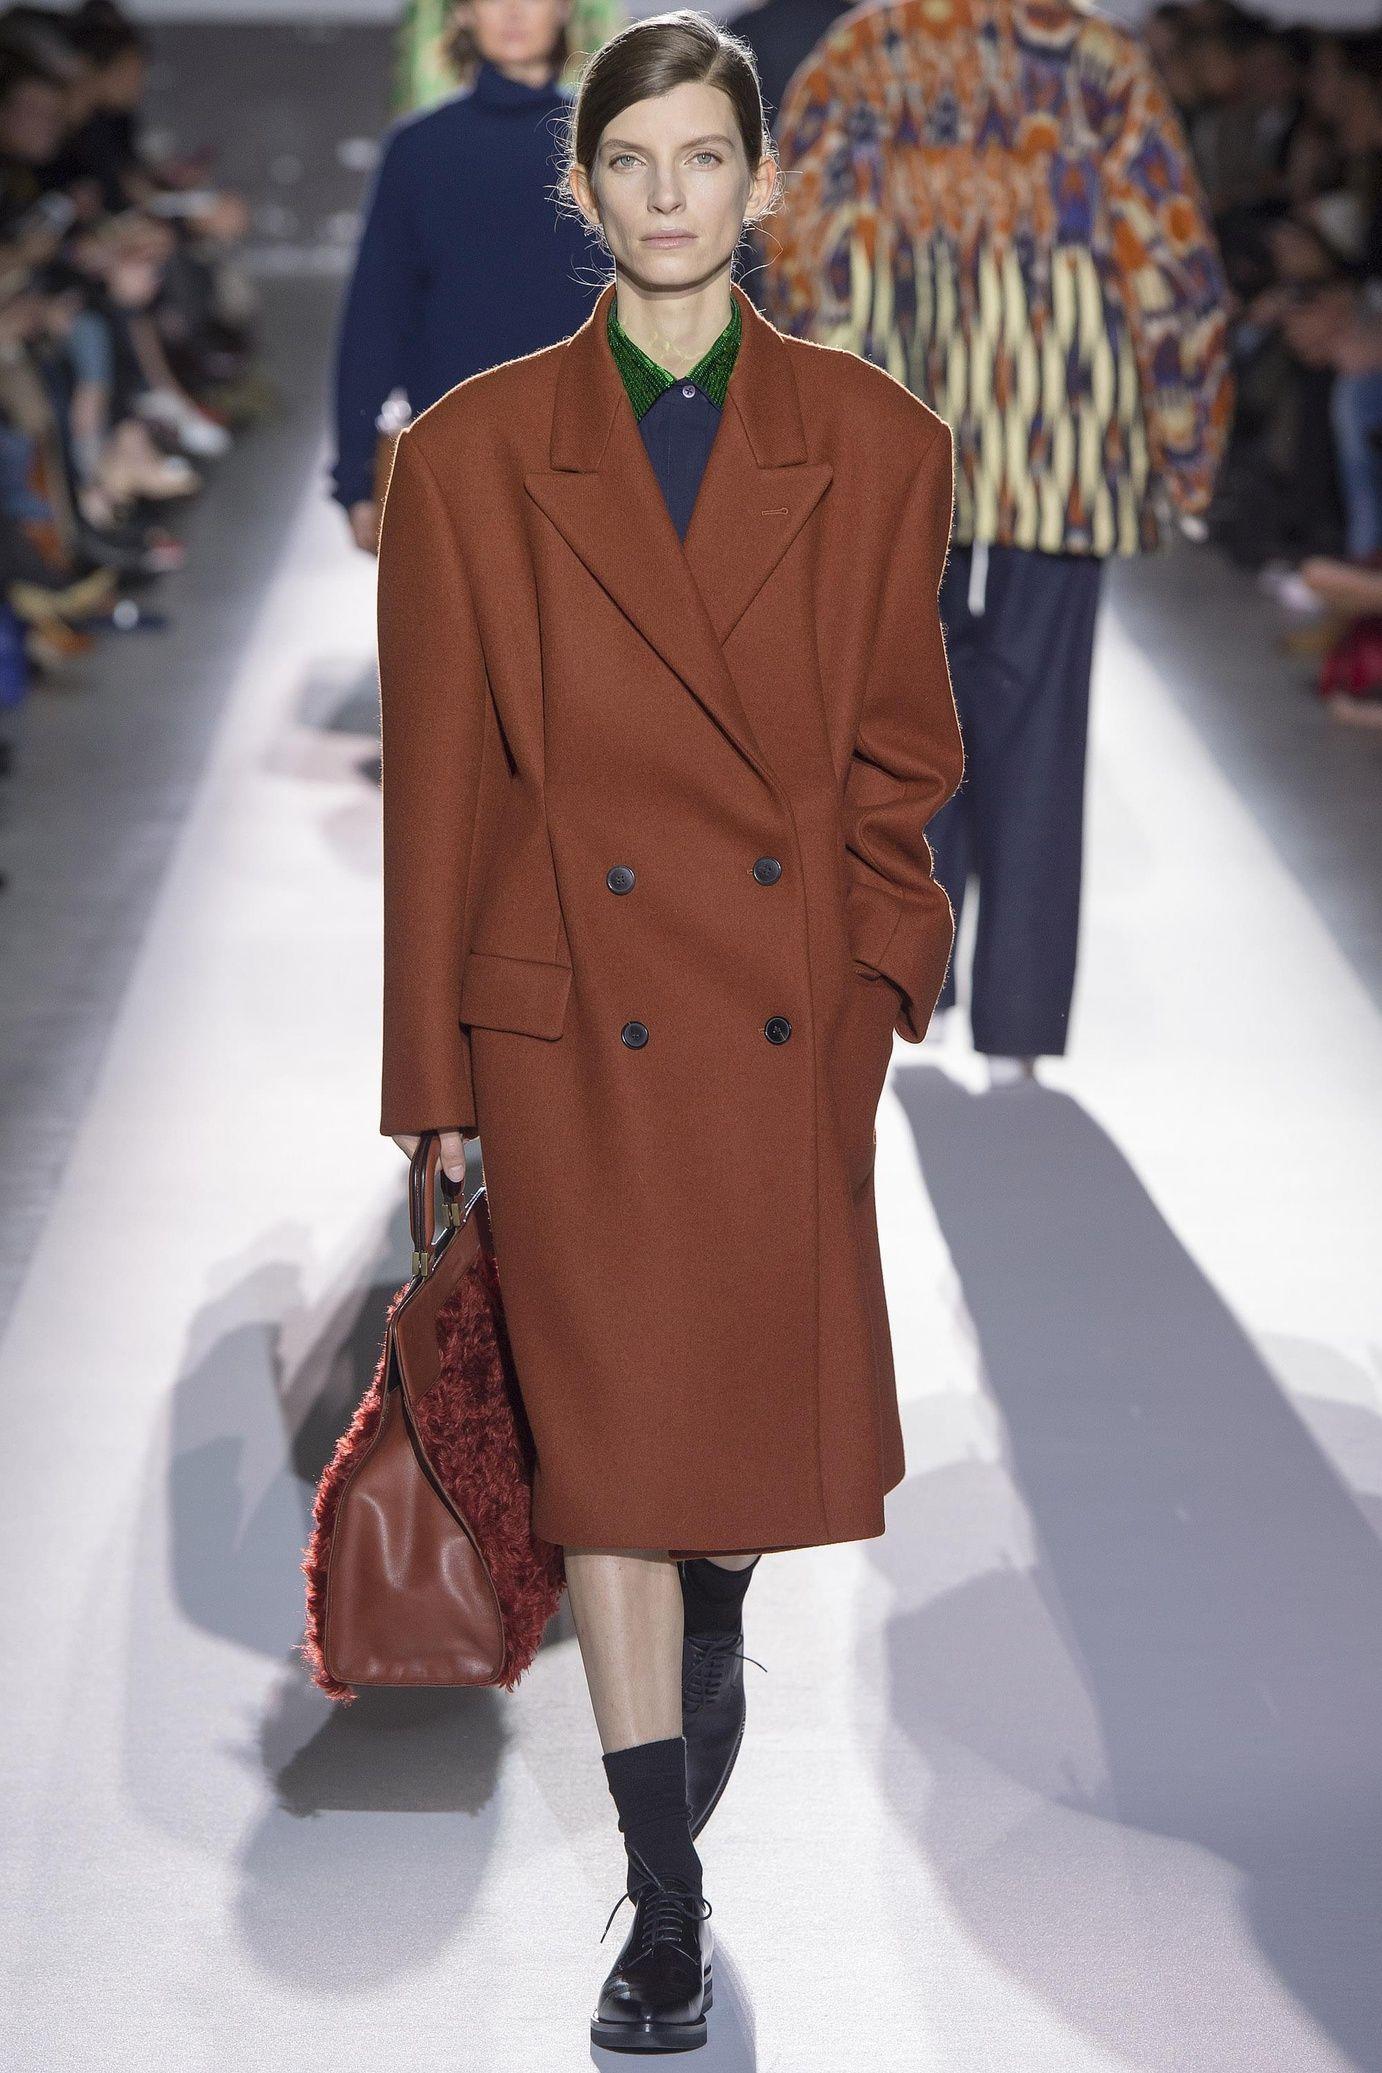 Défilés style Idées de mode, Automne hiver et Hiver